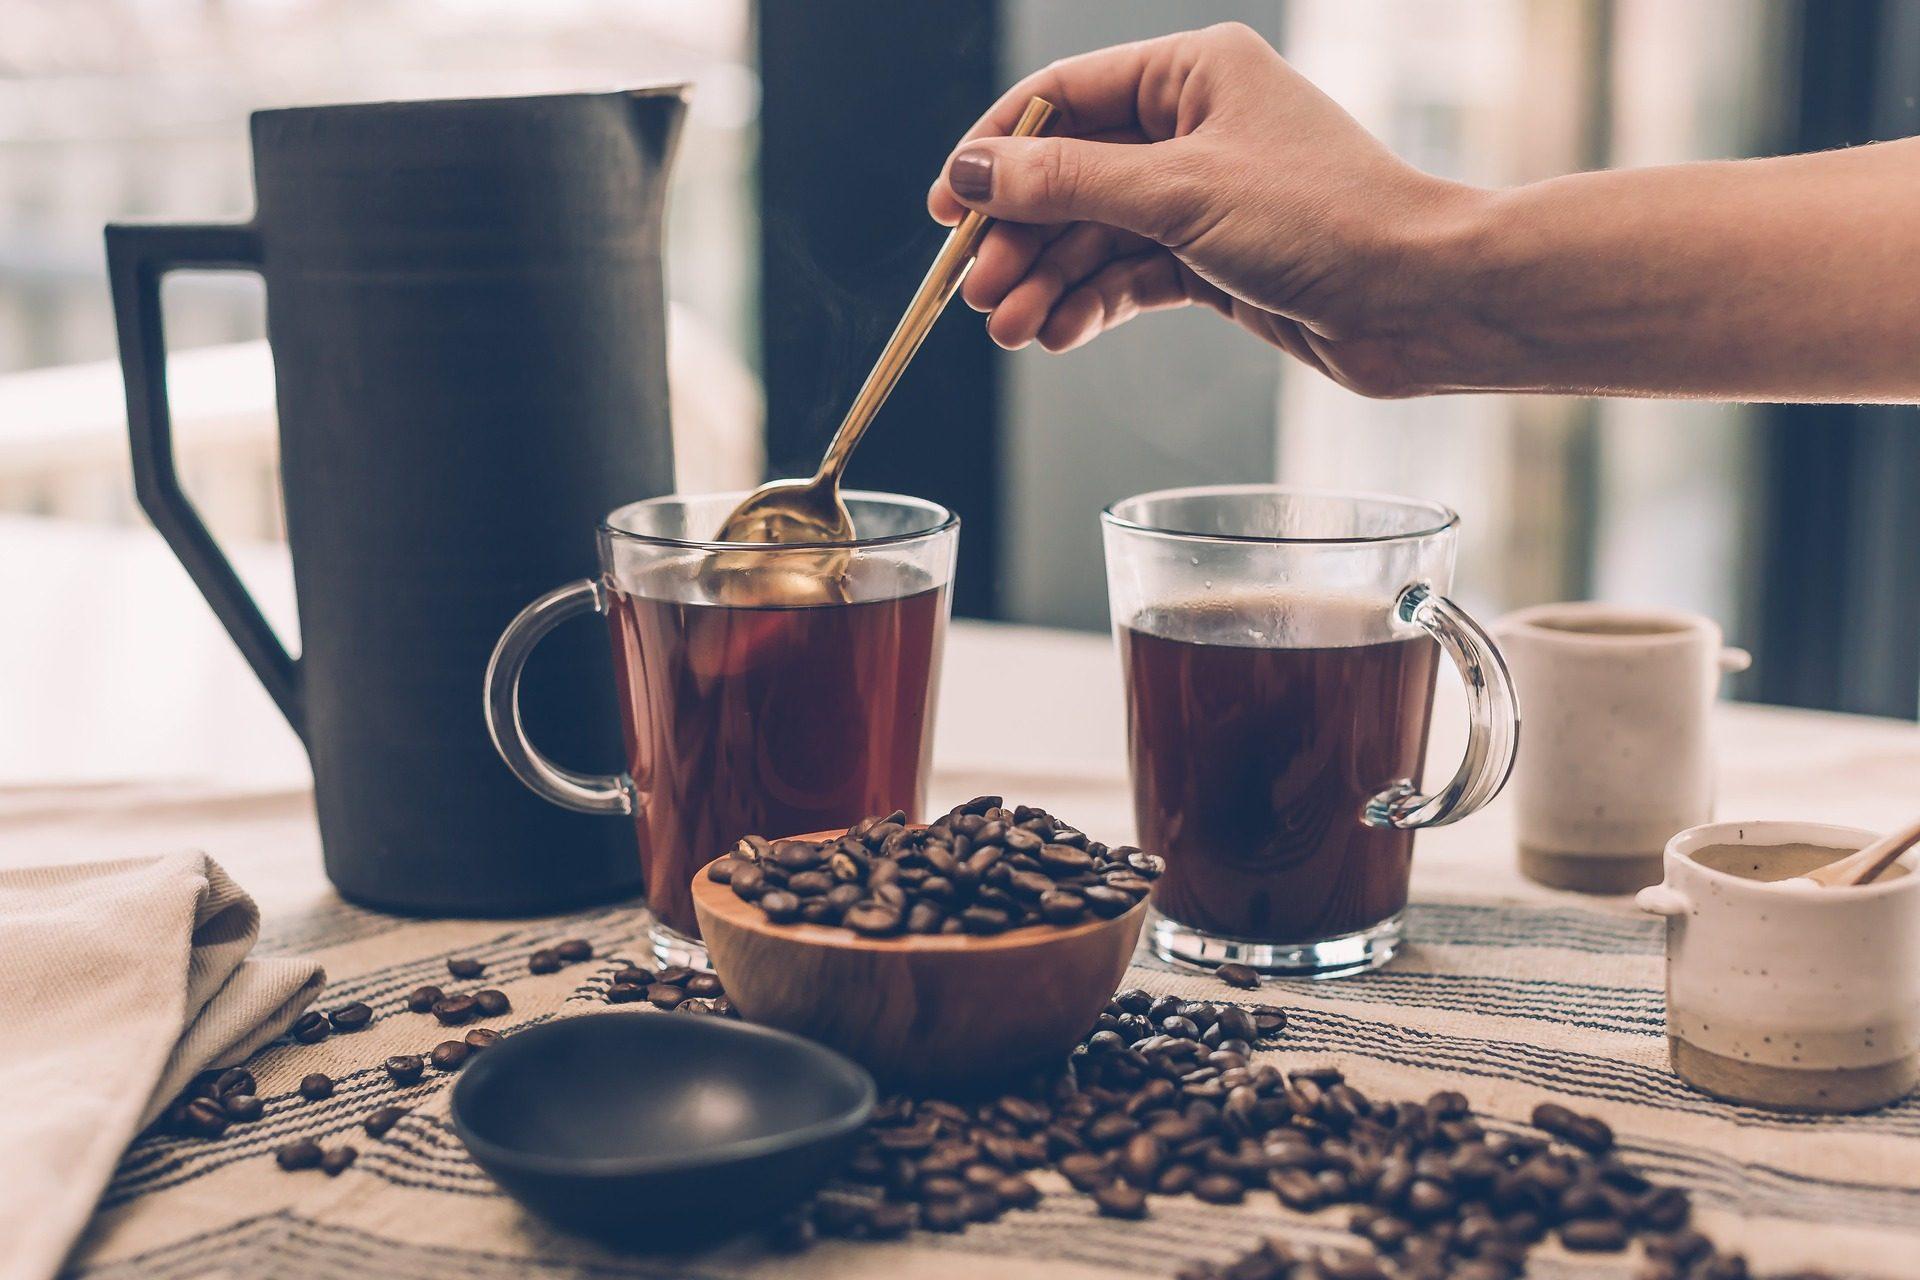 кофе, чай, Настойка, зерно, Кубки, кувшин, Чаша - Обои HD - Профессор falken.com